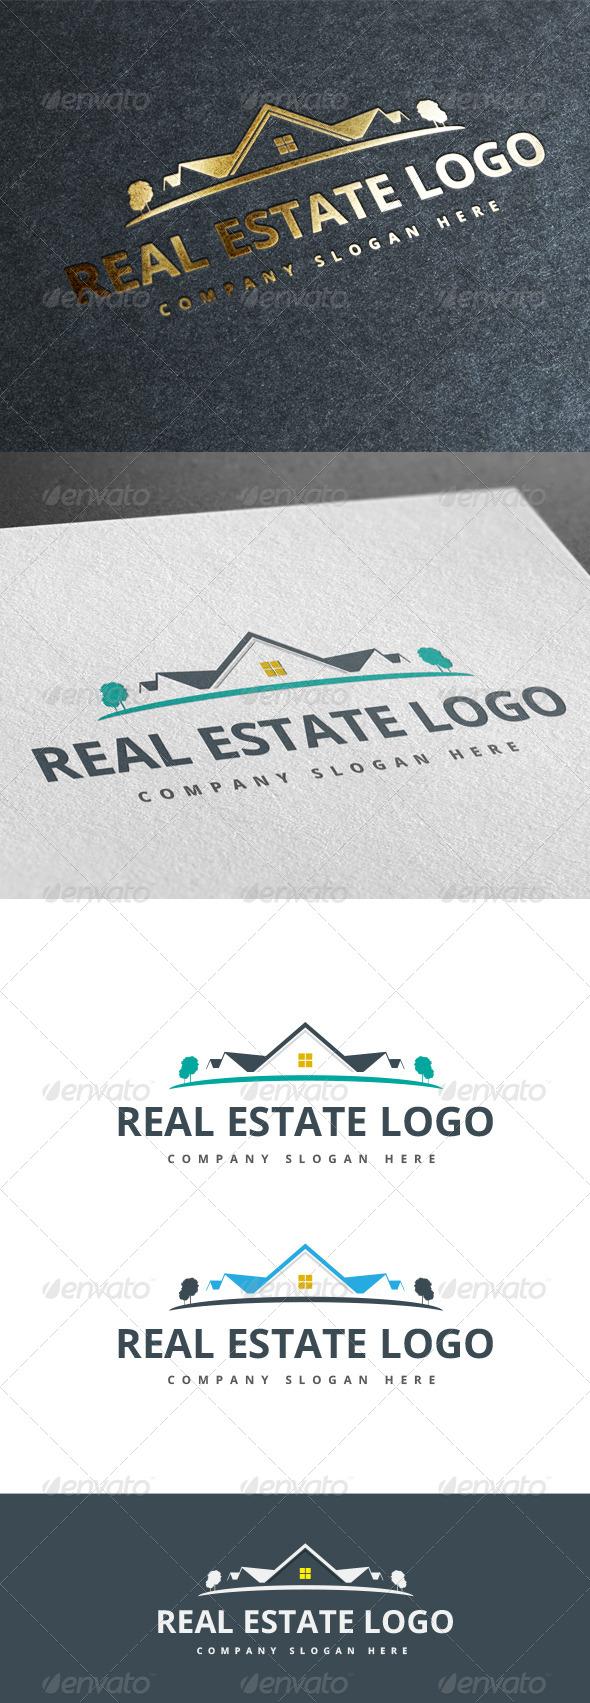 GraphicRiver Real Estate Logo V.2 7993370